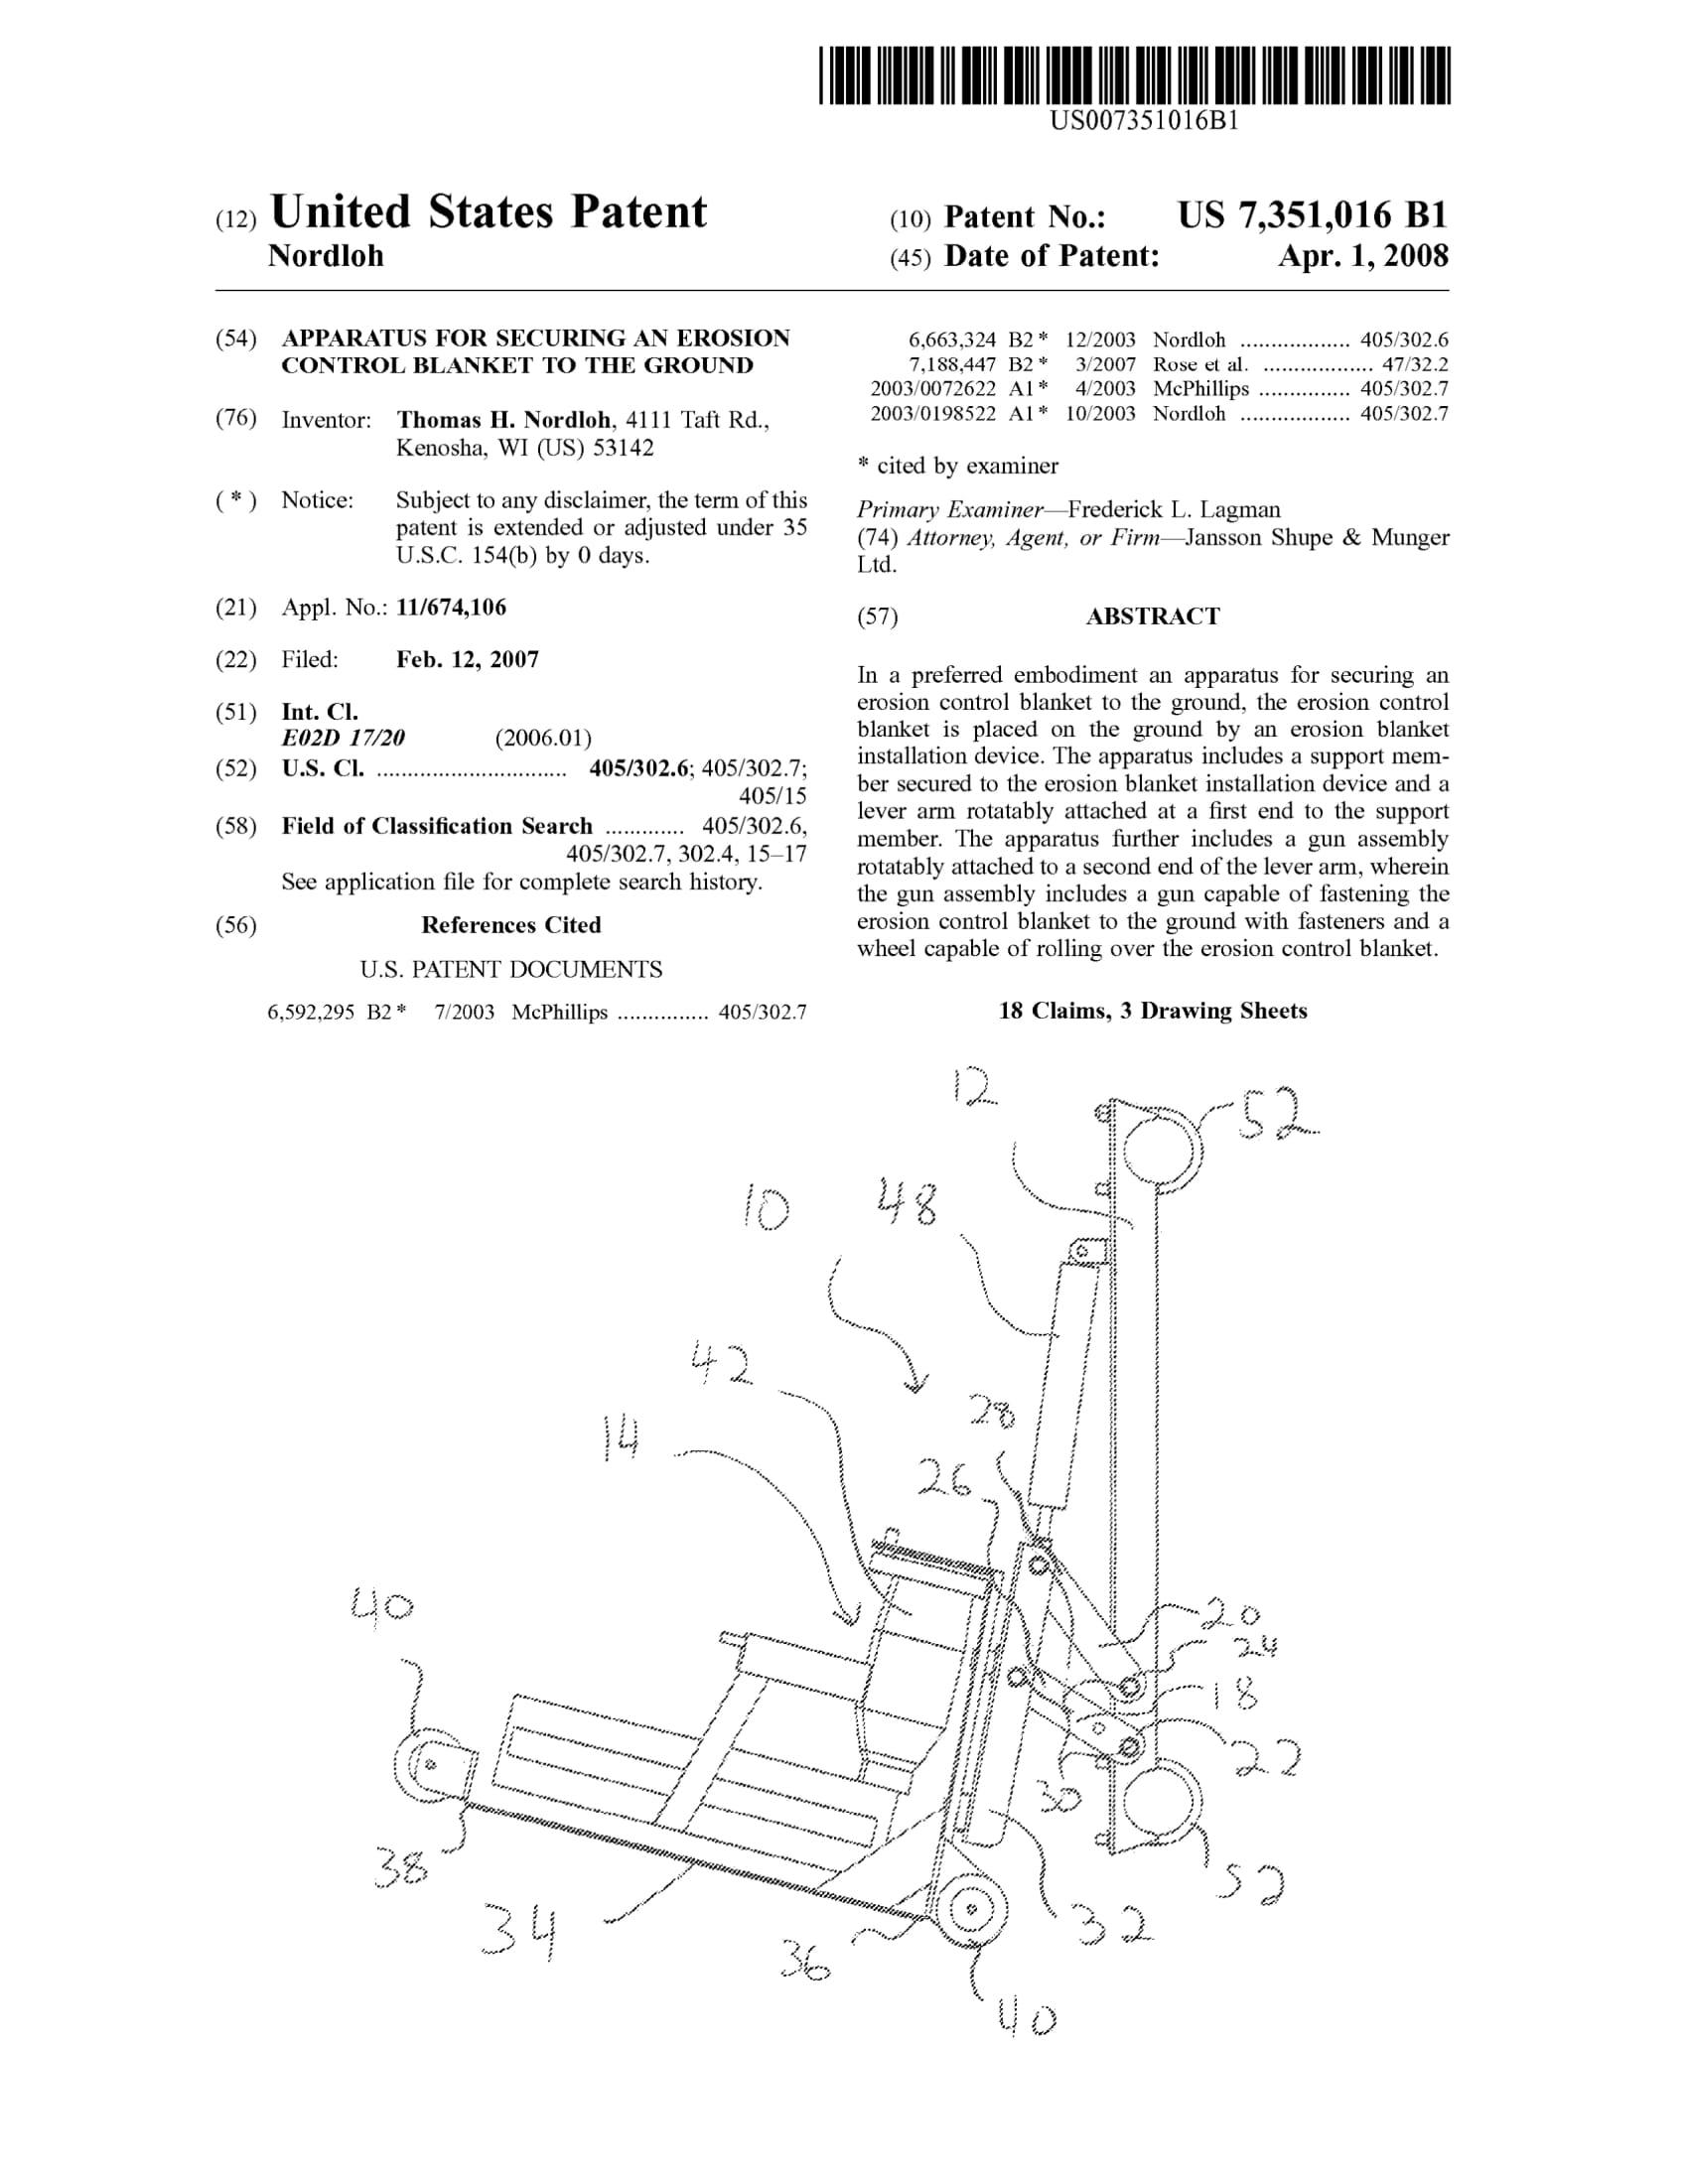 7351016-Apparatus-for-erosion-cntrl-blnkt-Nordloh-1.jpg